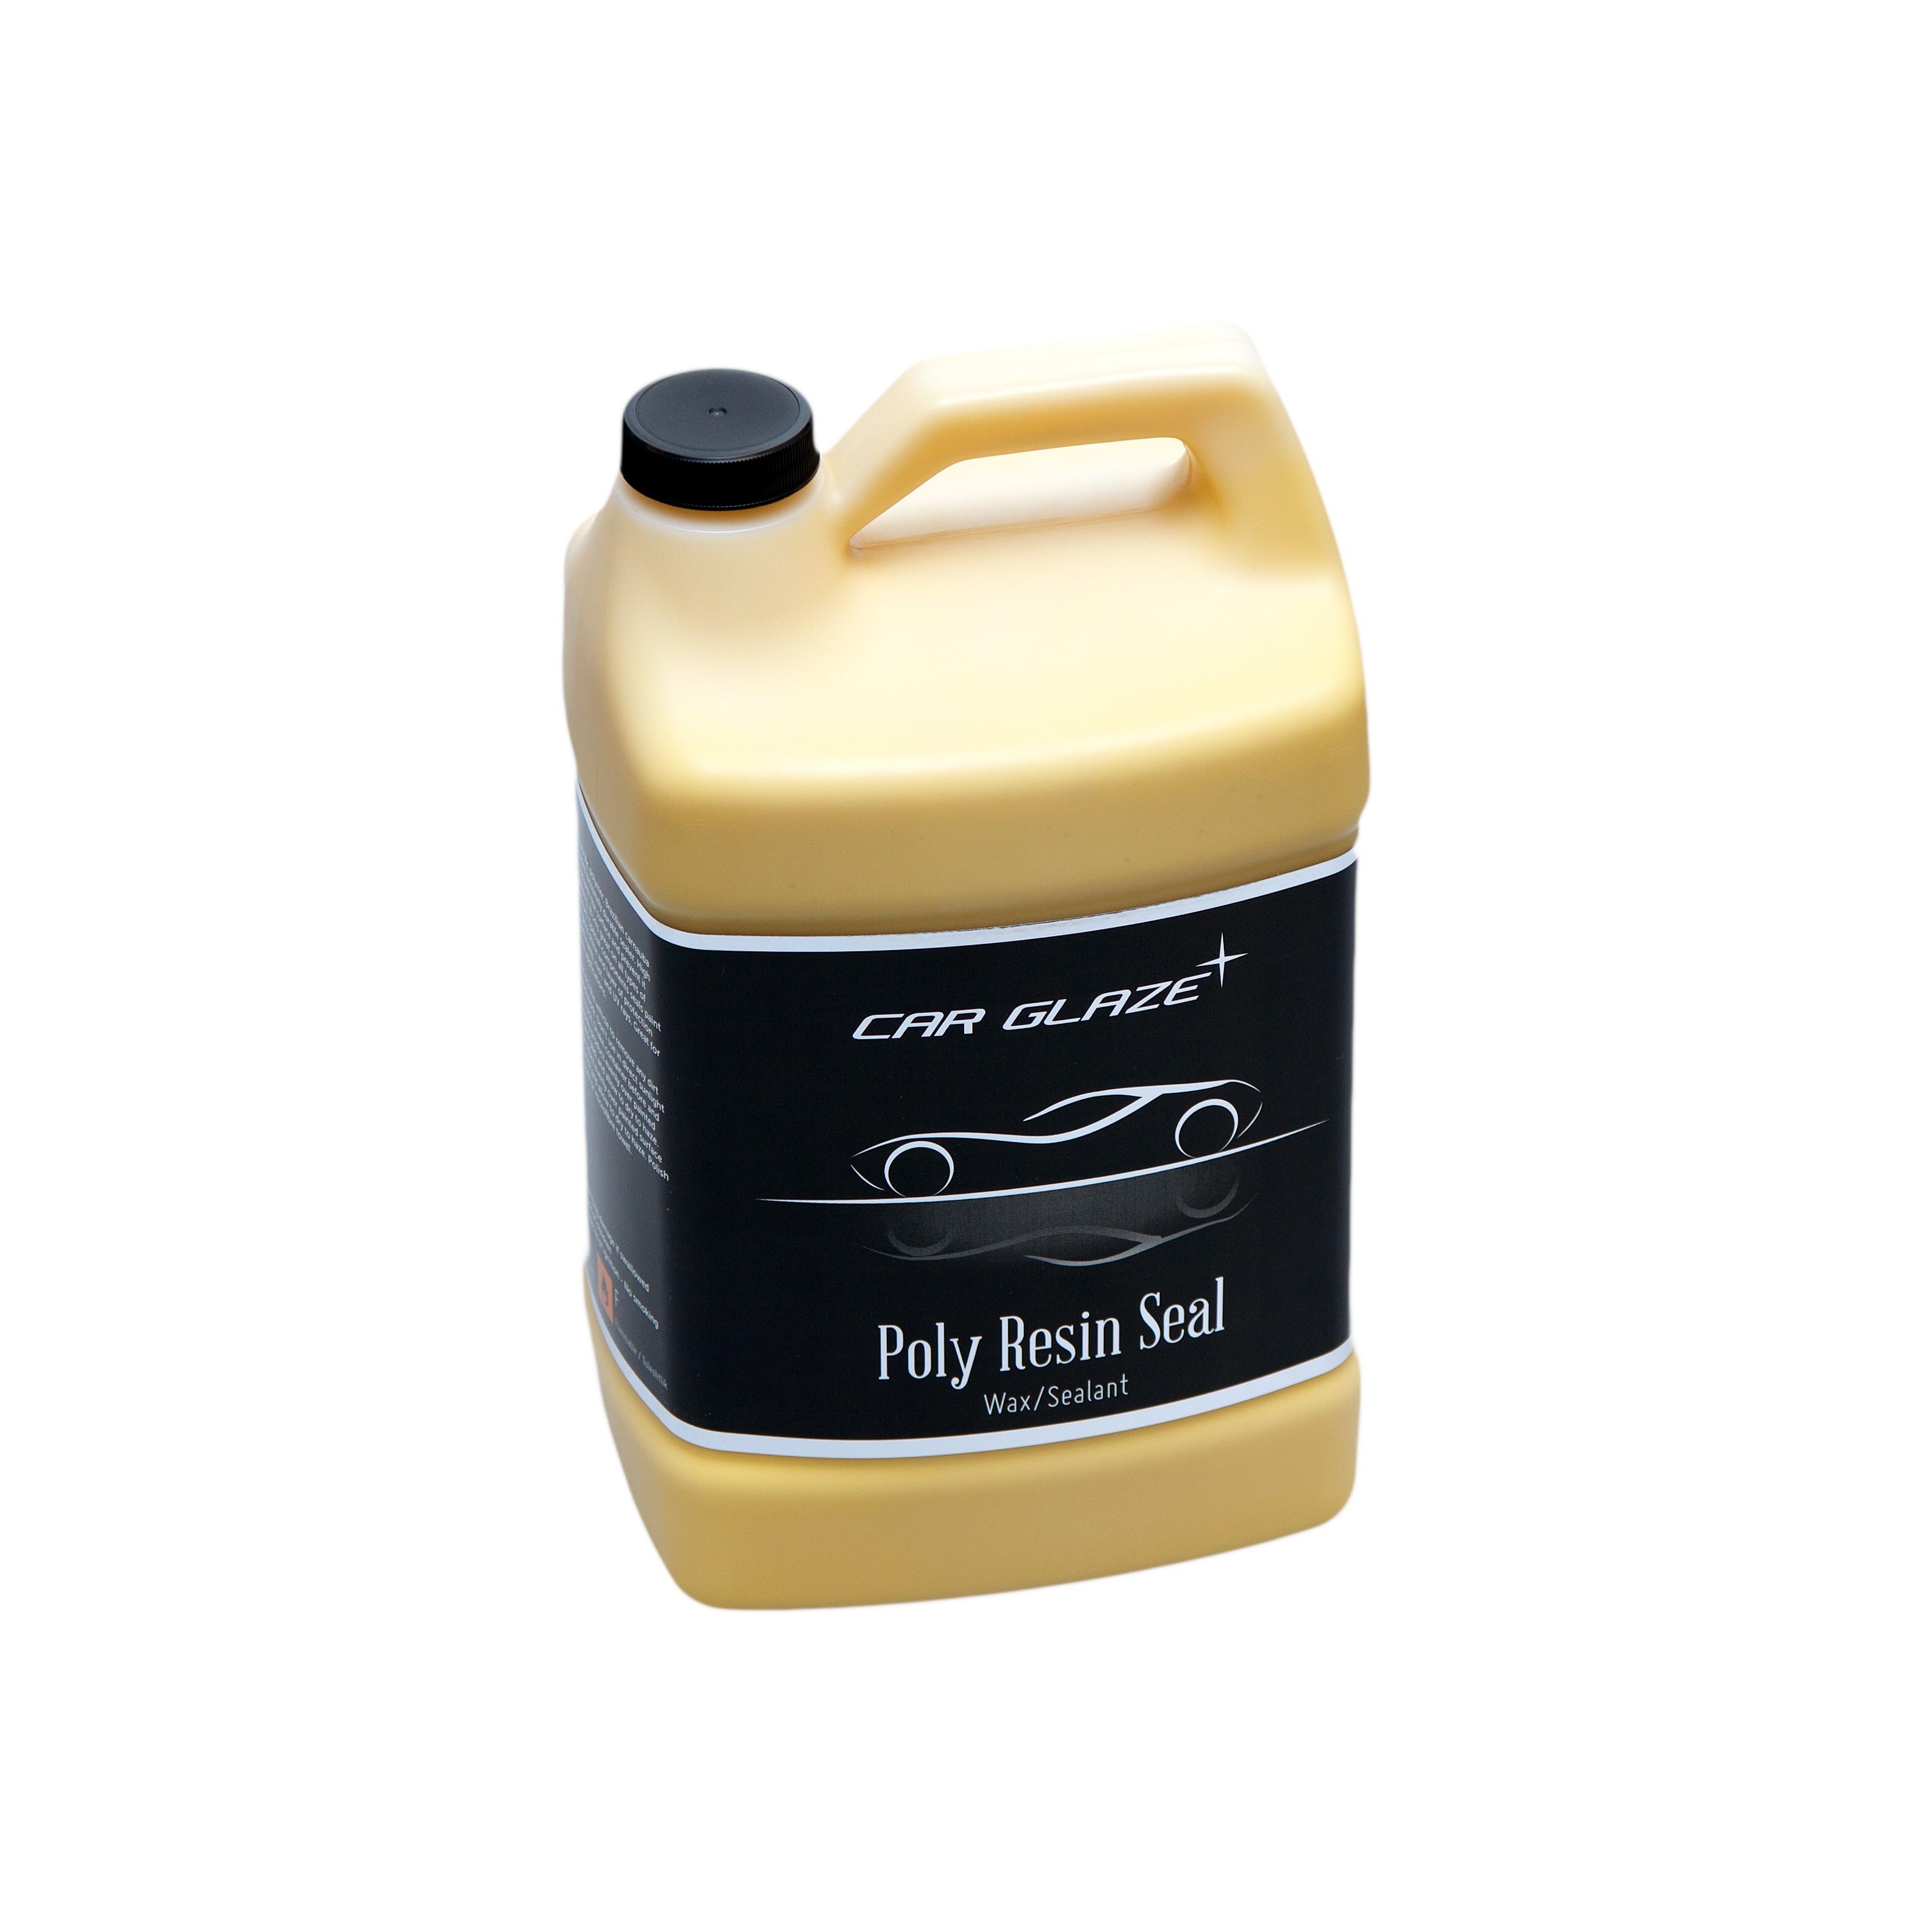 POLY RESIN SEAL - uusim kõrgtehnoloogiline  polümeeride ja karnauba baasil püsivaha - kõvavaha - läikevaha - paint sealant